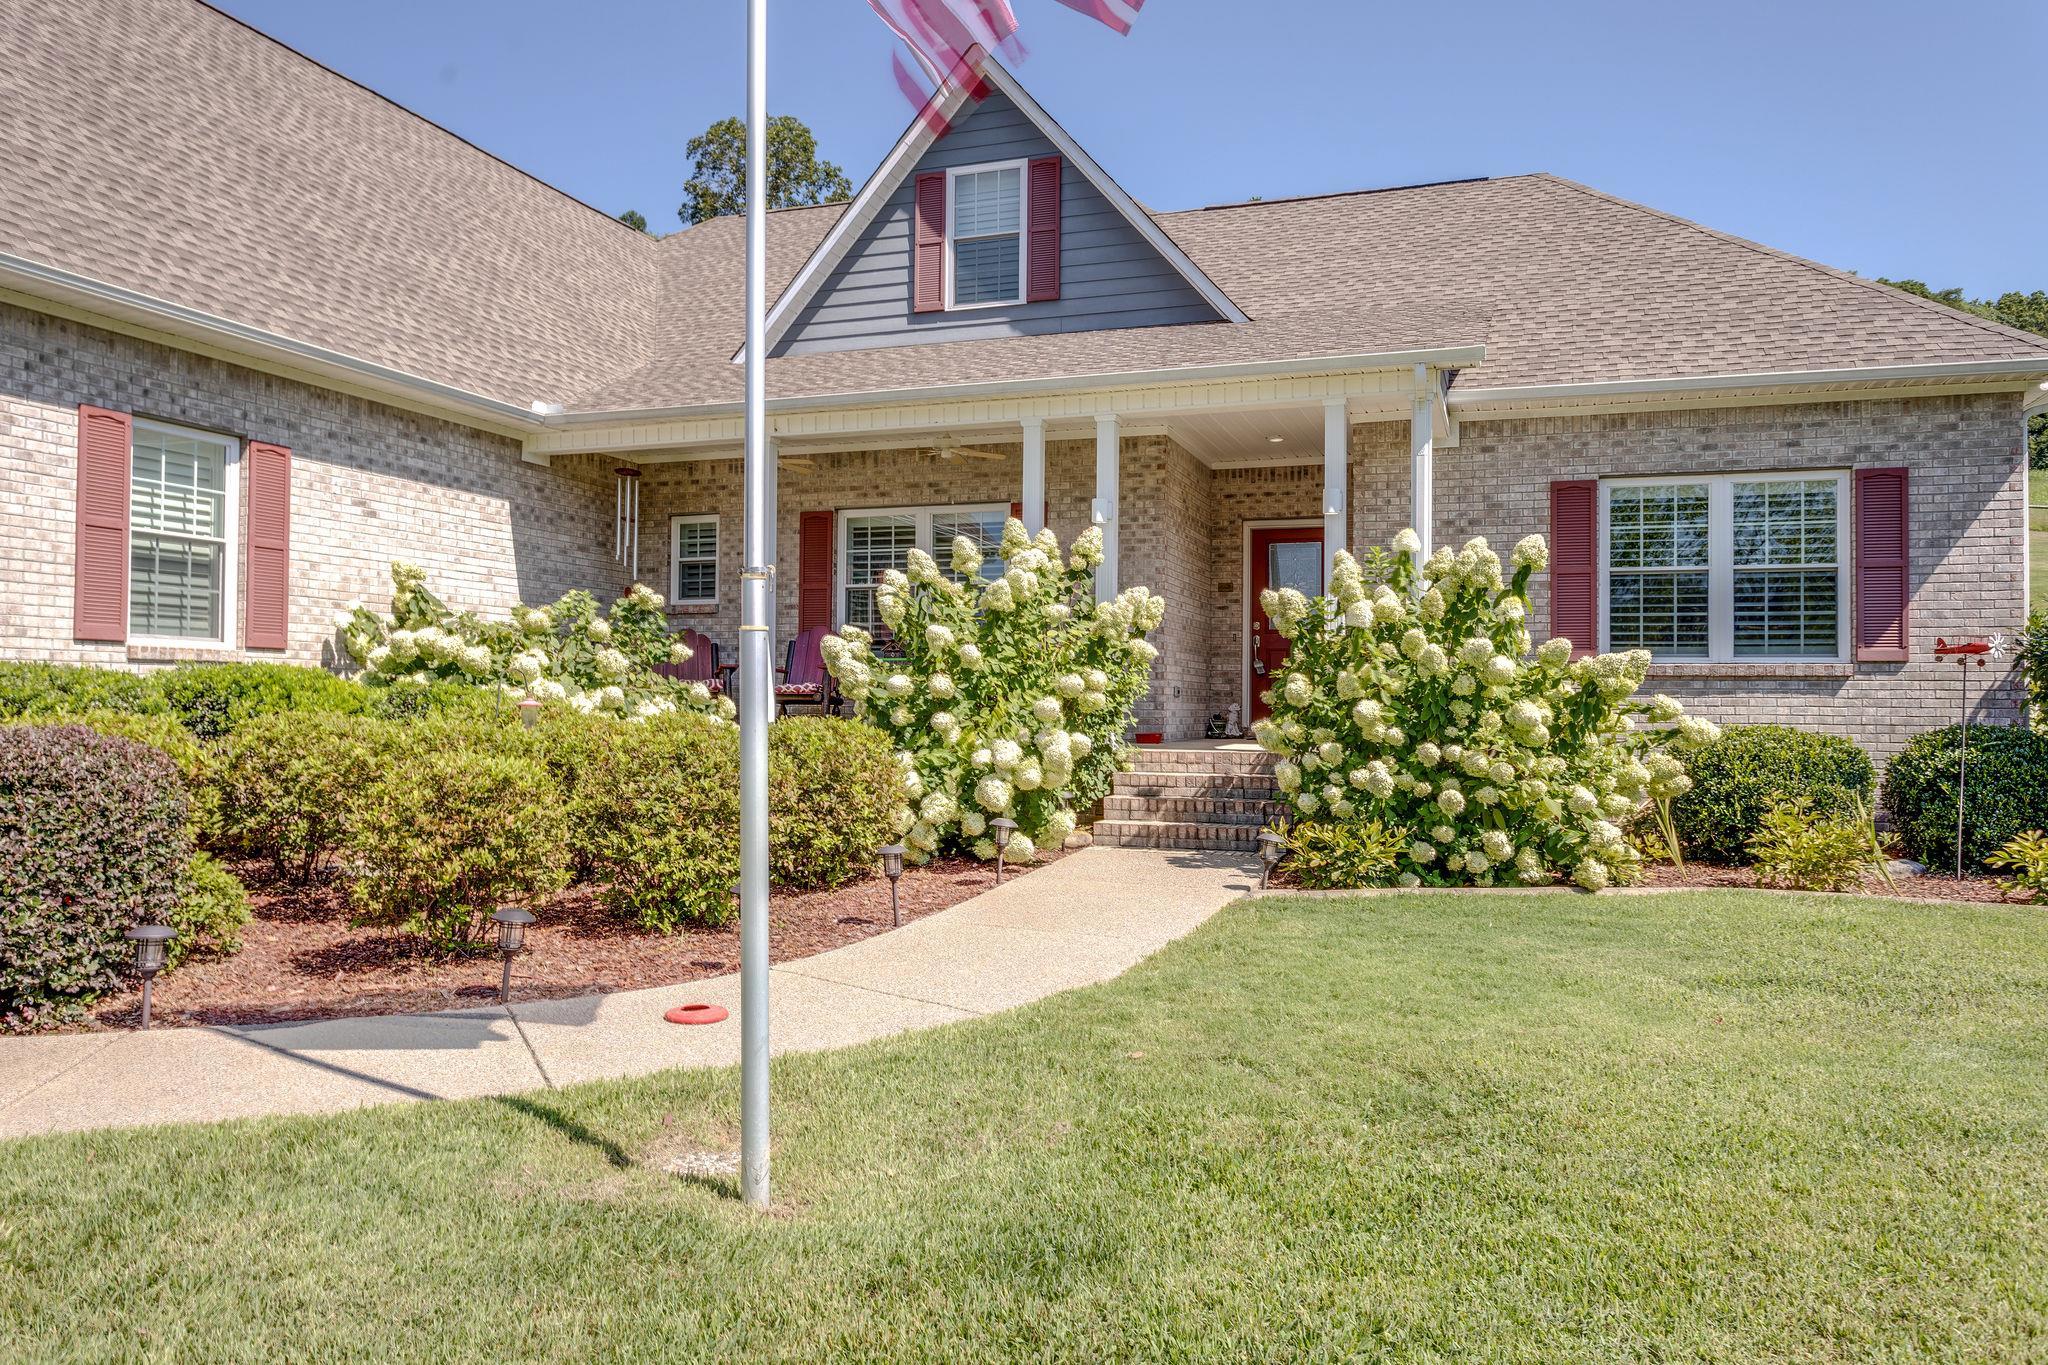 775 Ella West Cir, Lynnville, TN 38472 - Lynnville, TN real estate listing